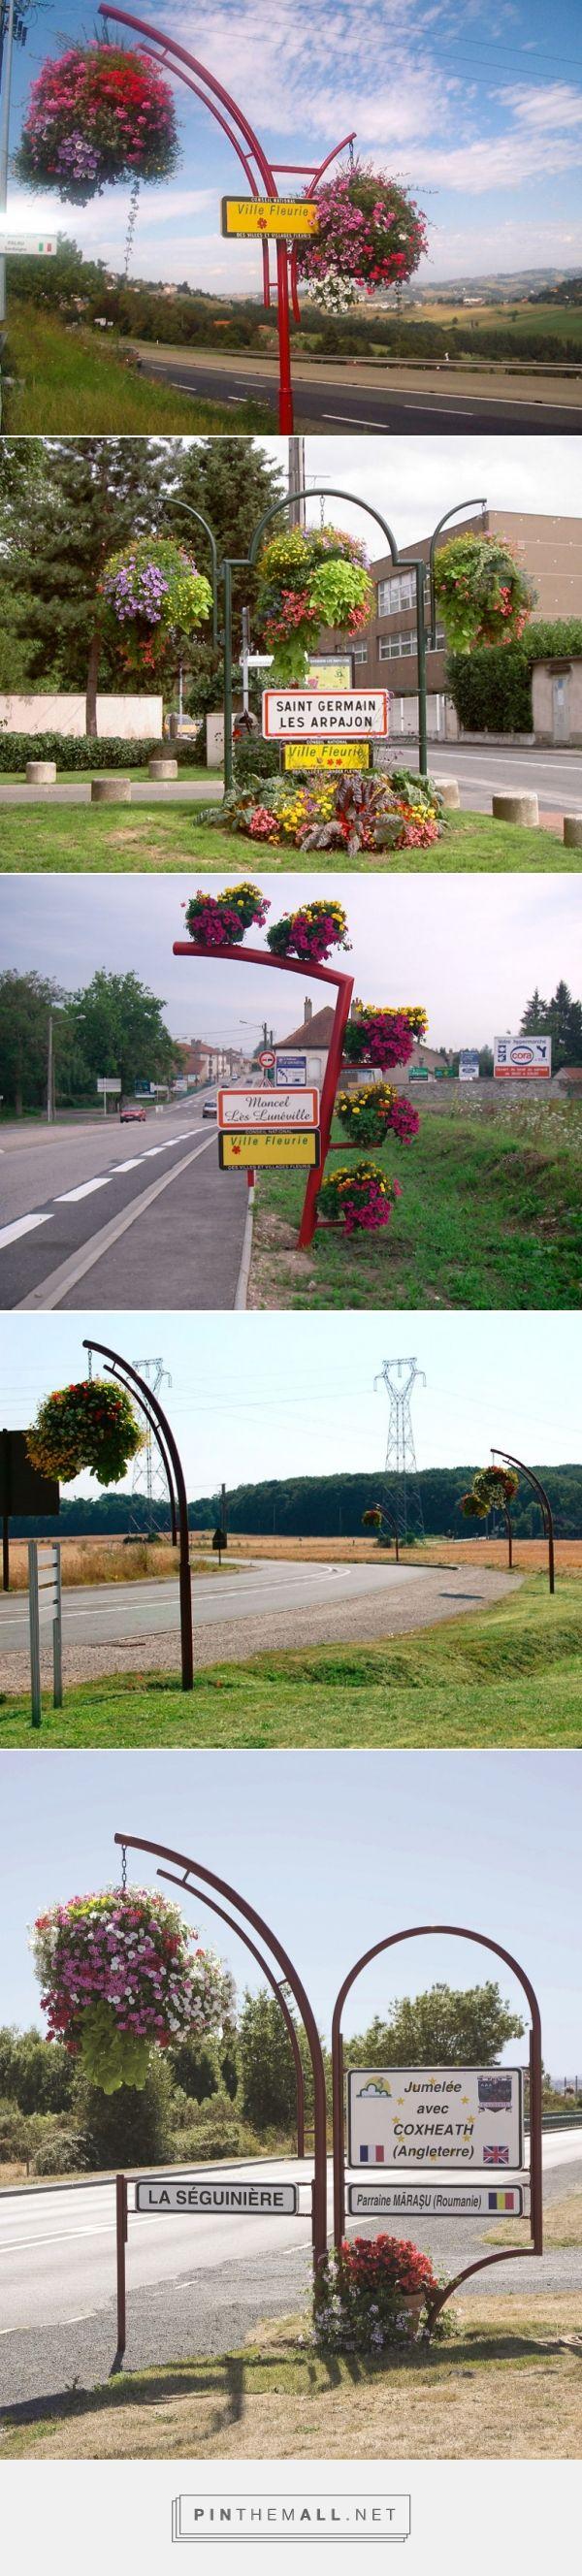 Witaj w naszym mieście! Public welcome signs - small architecture